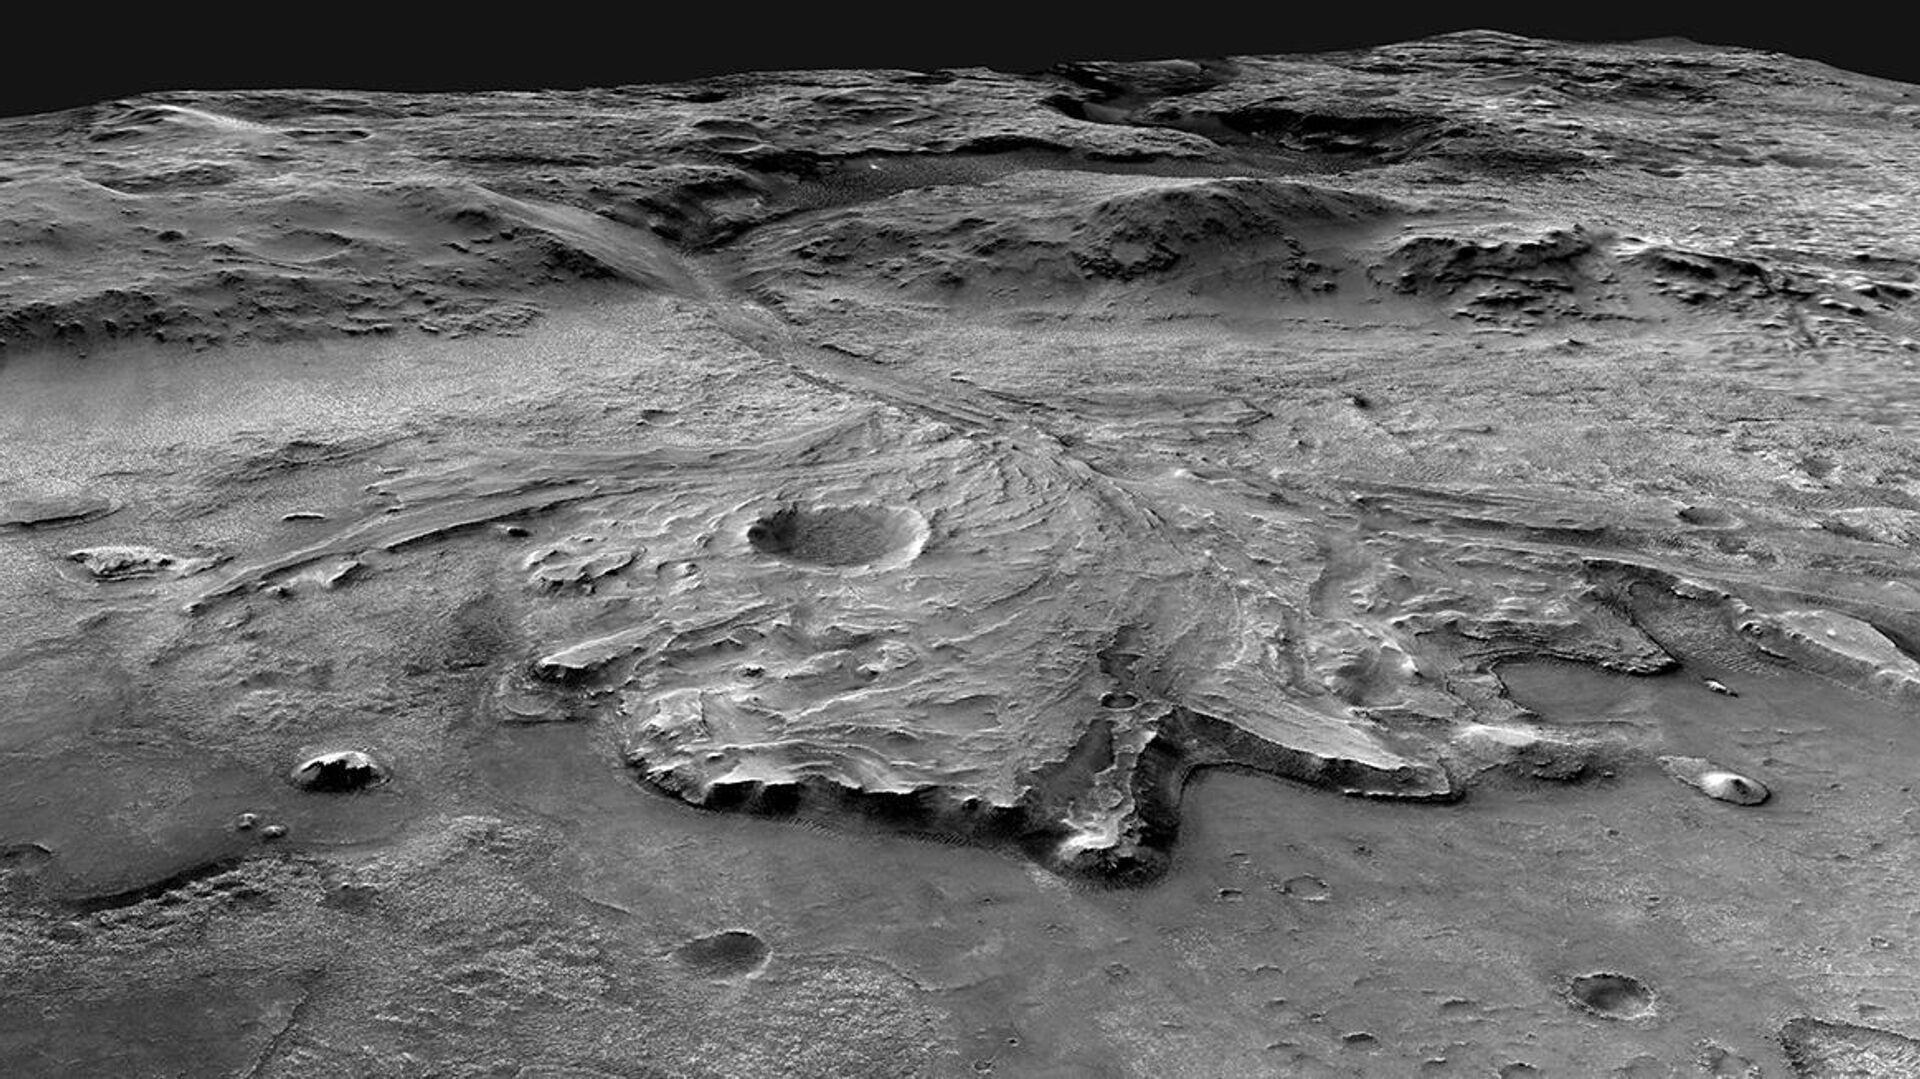 Дельта древней реки на поверхности Марса - РИА Новости, 1920, 17.03.2021